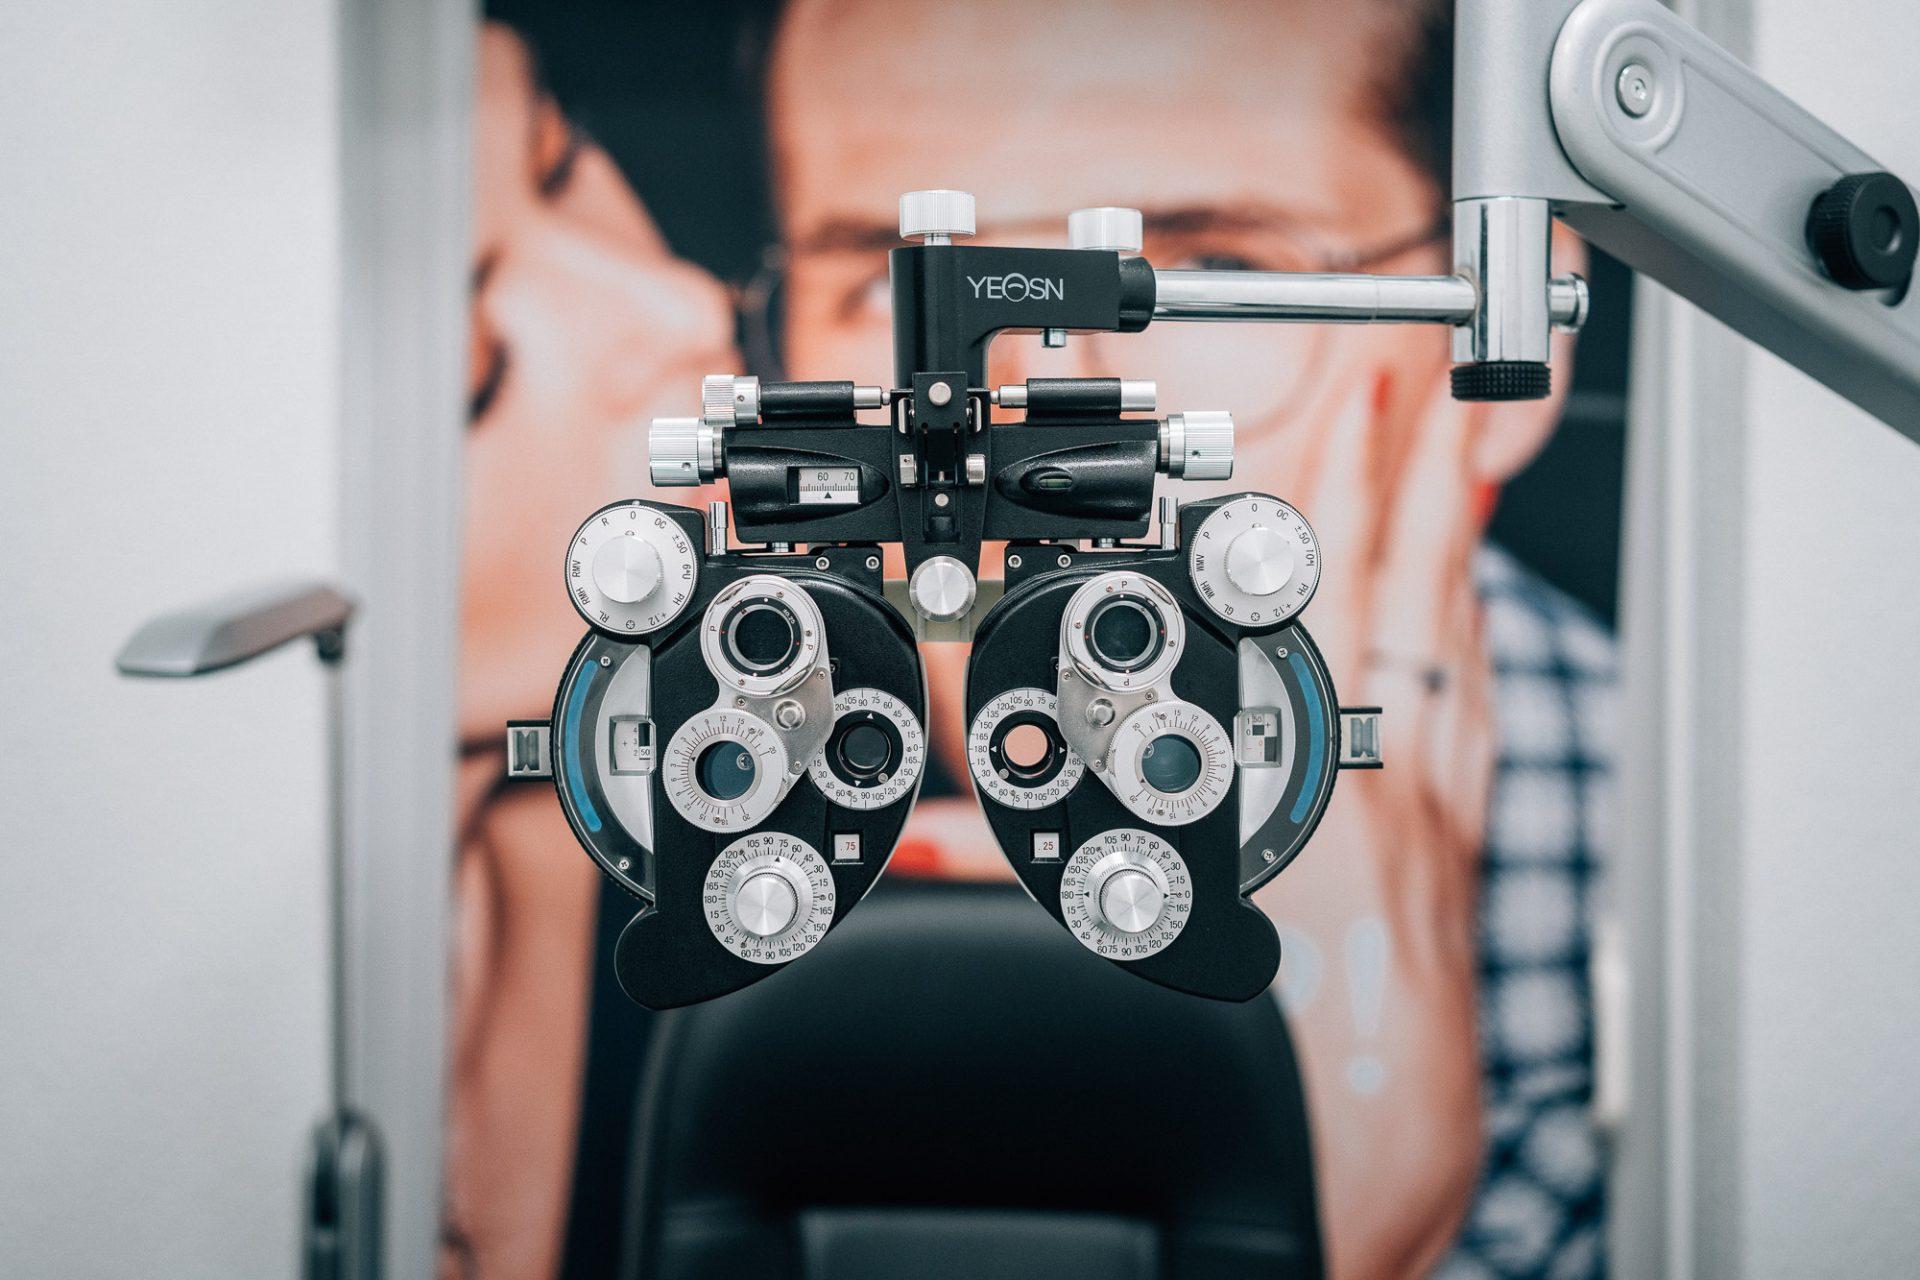 Interieurfotografie & Detailaufnahmen für Optiker Fachgeschäfte - Praxisfotografie ©Offenblende / Joshua